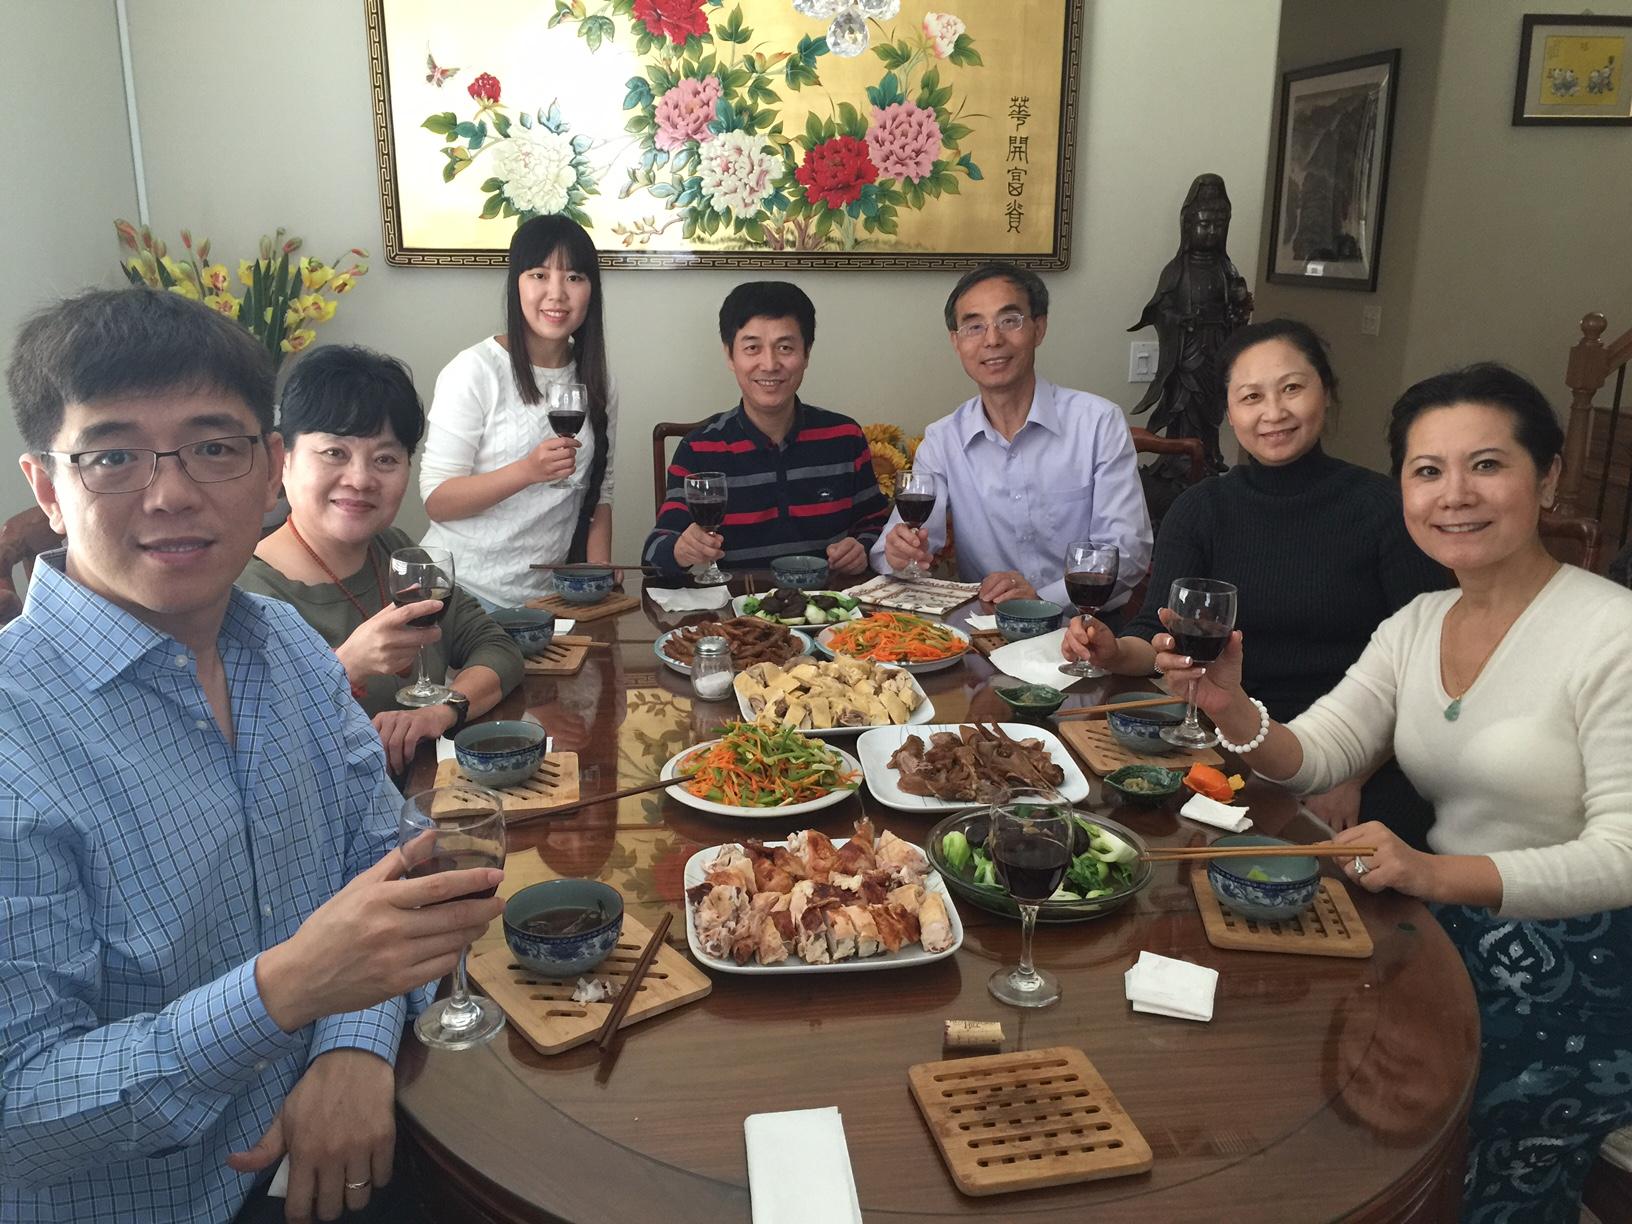 右起:主席李岘、理事齐滨英、副主席何绍义、财务长王智、理事文昊、秘书长许晓妮、副主席孙兴华於2016年3月20日第四次理事会上。